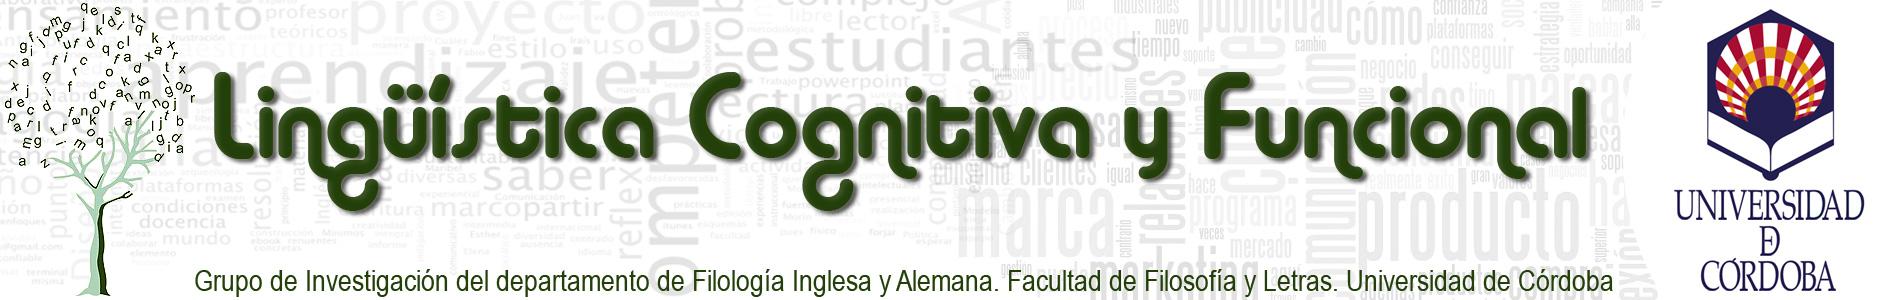 Lingüística Cognitiva y Funcional